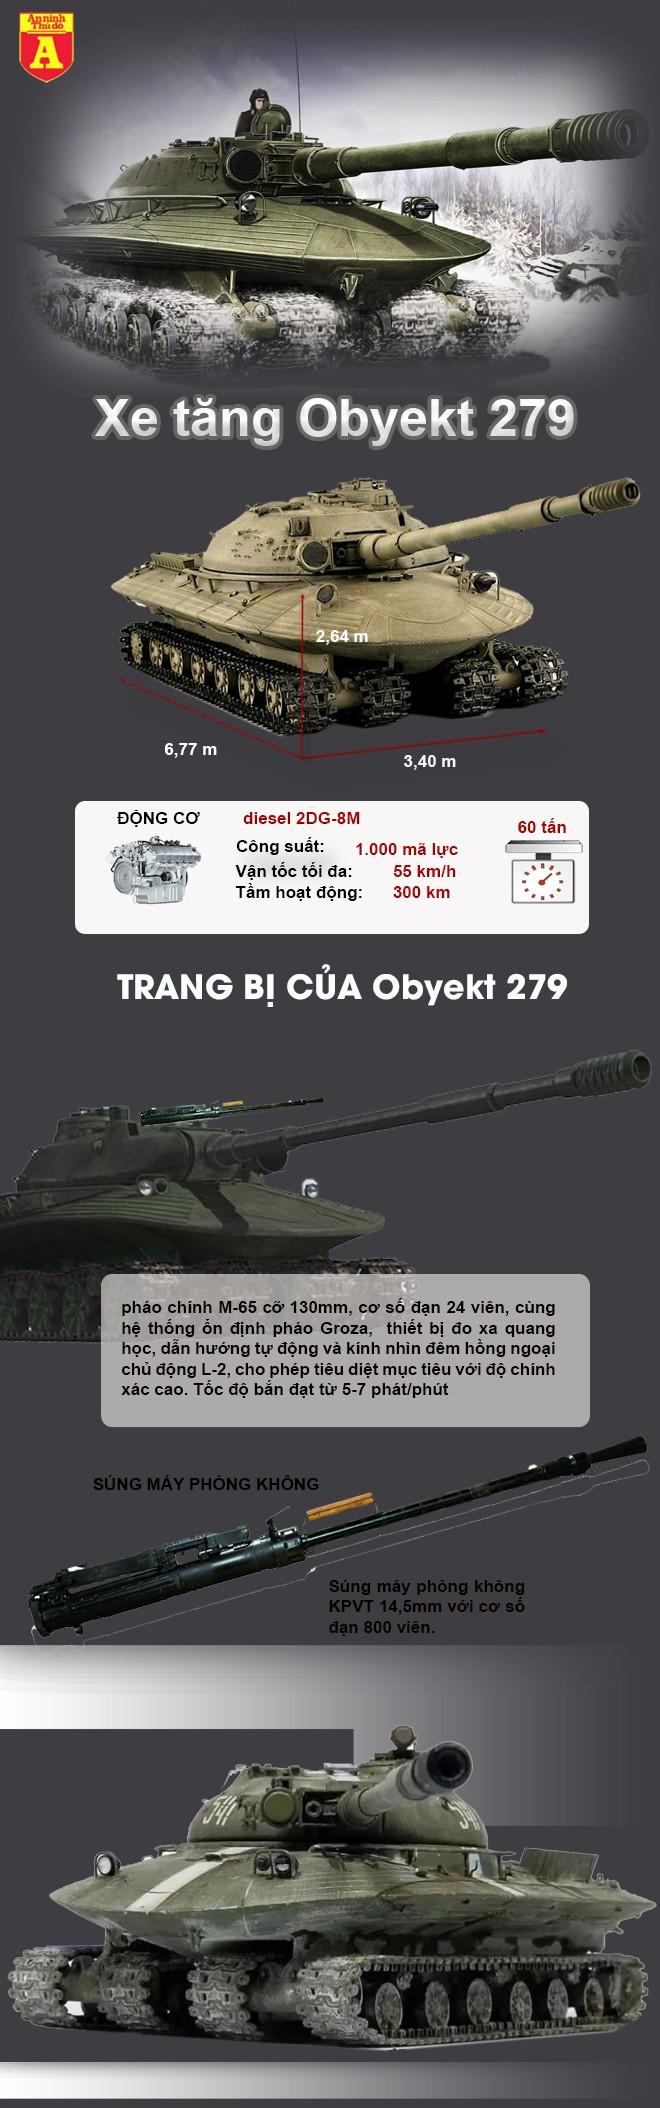 [Infographic] Loại xe tăng Liên Xô cực 'dị', có thể đương đầu với cả vũ khí hạt nhân ảnh 2